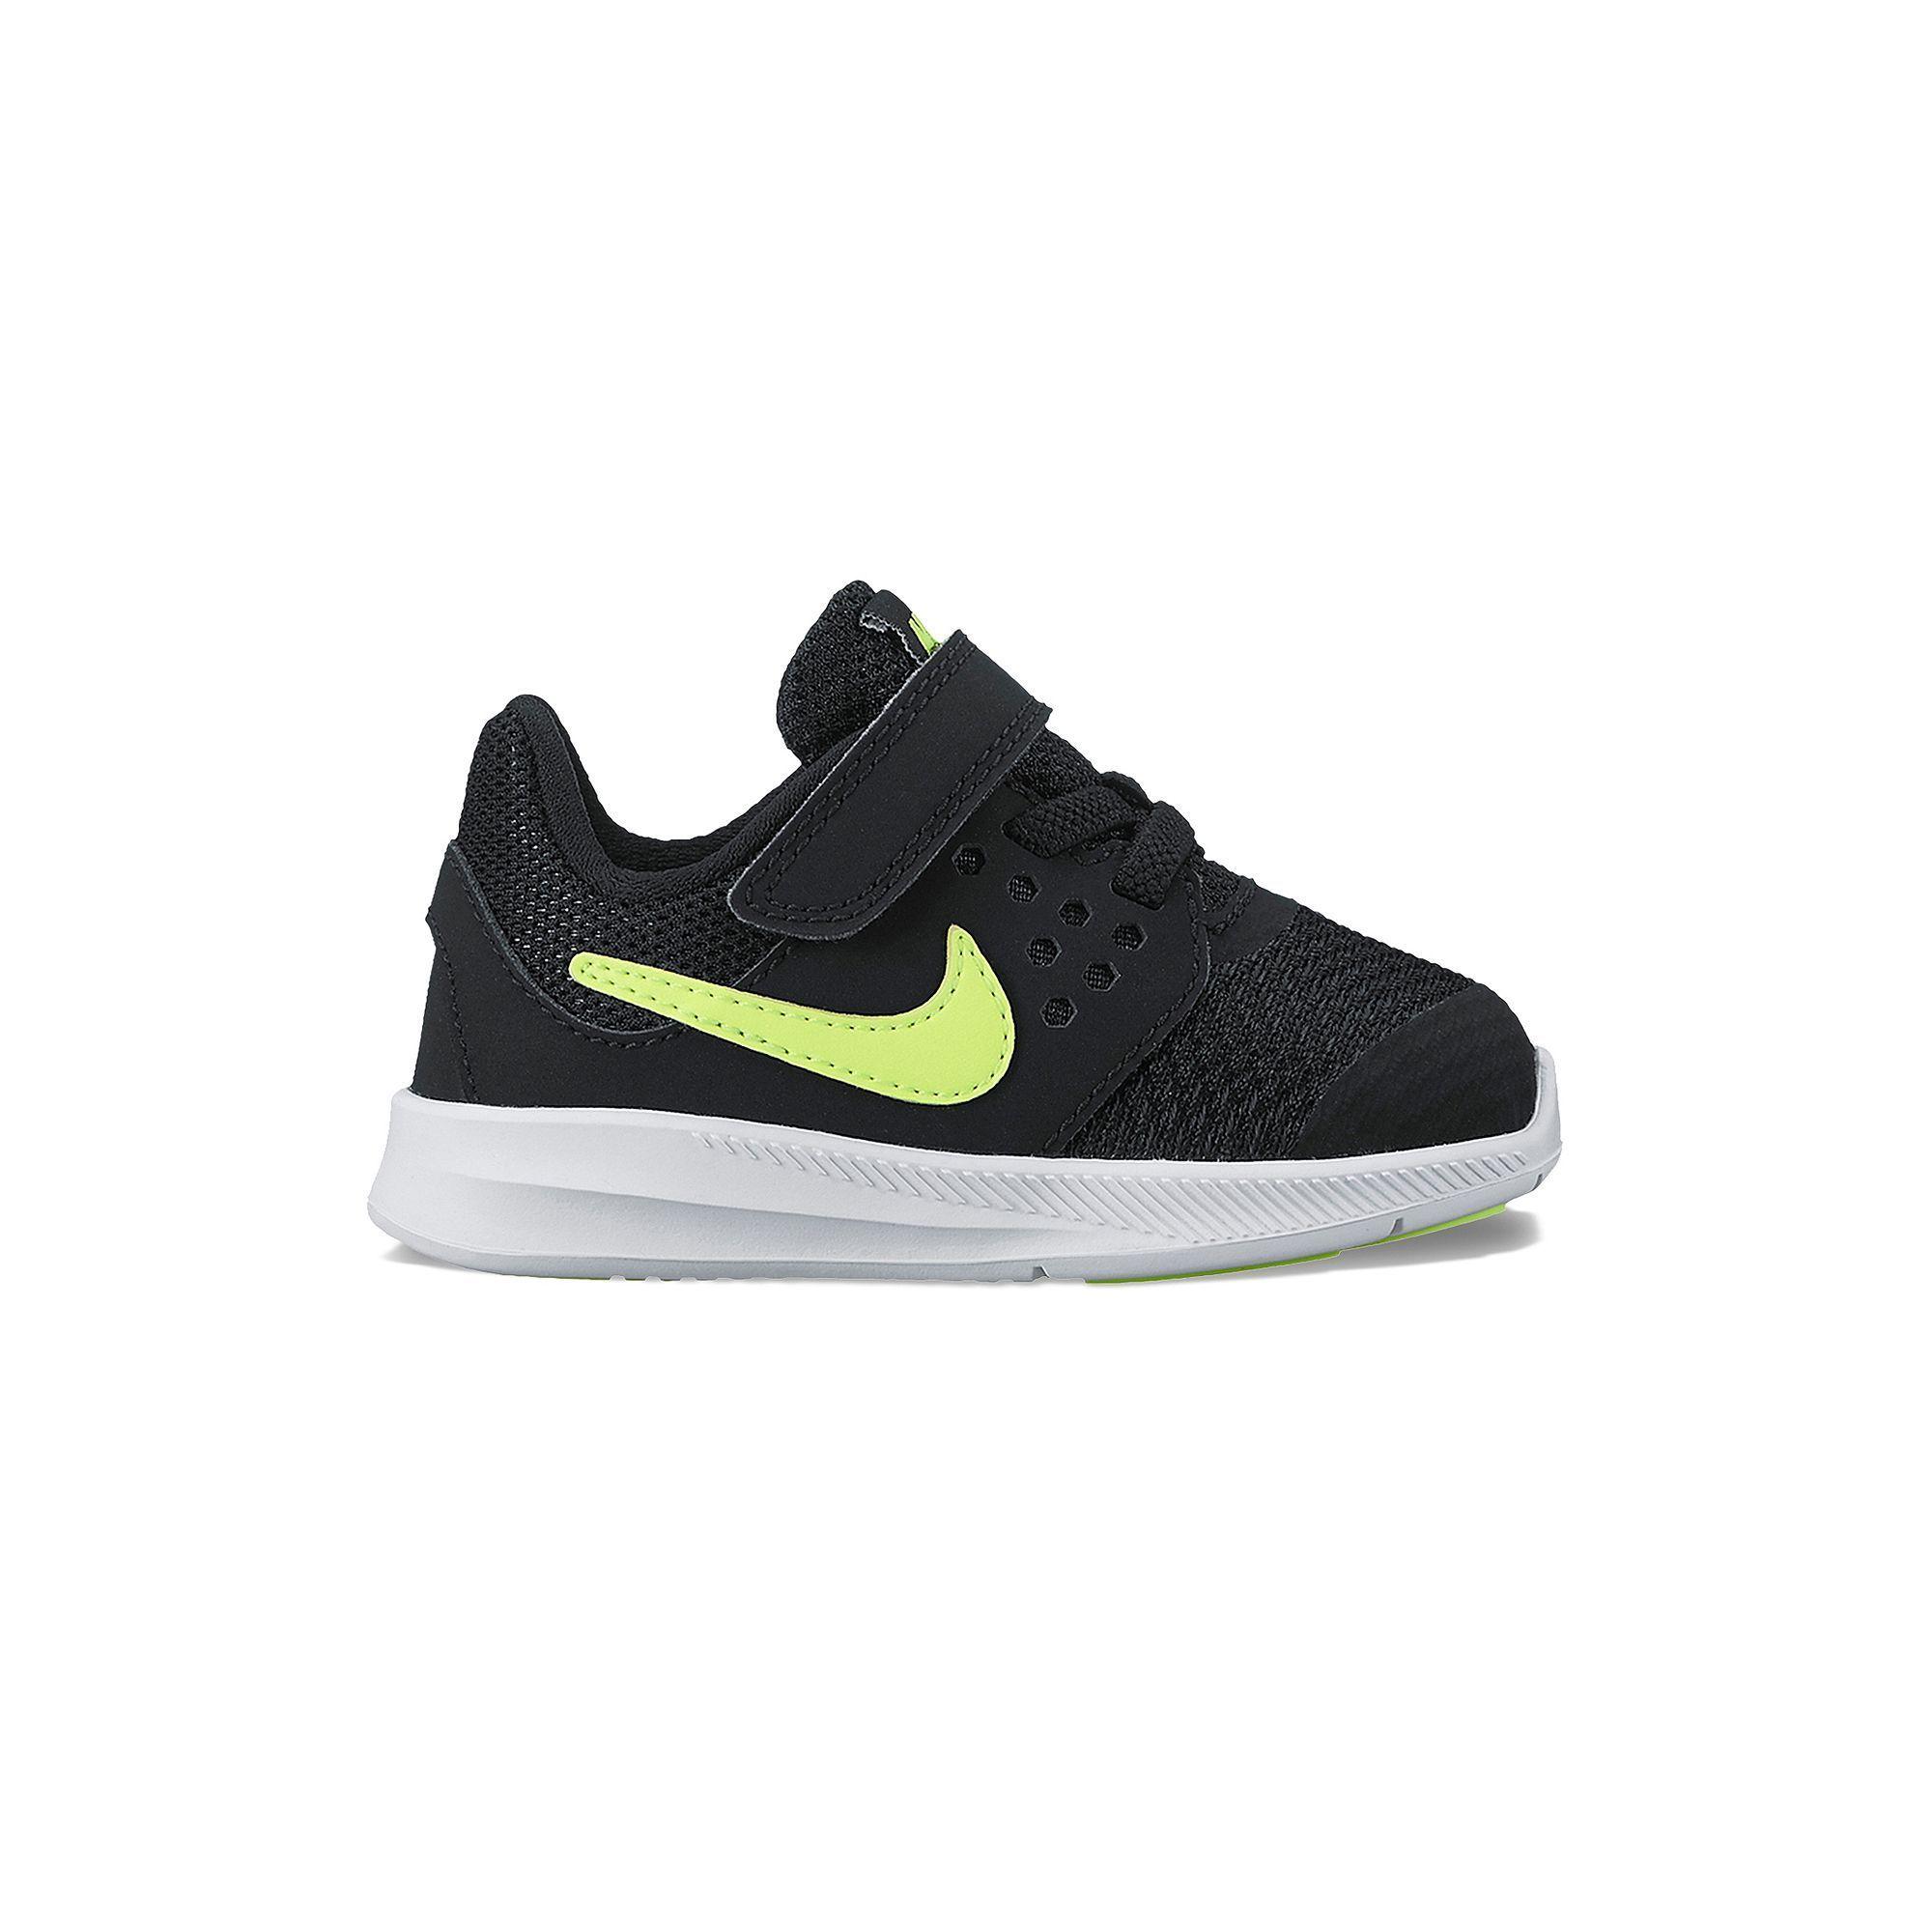 6e065f722b4e Nike Downshifter 7 Toddler Boys  Shoes